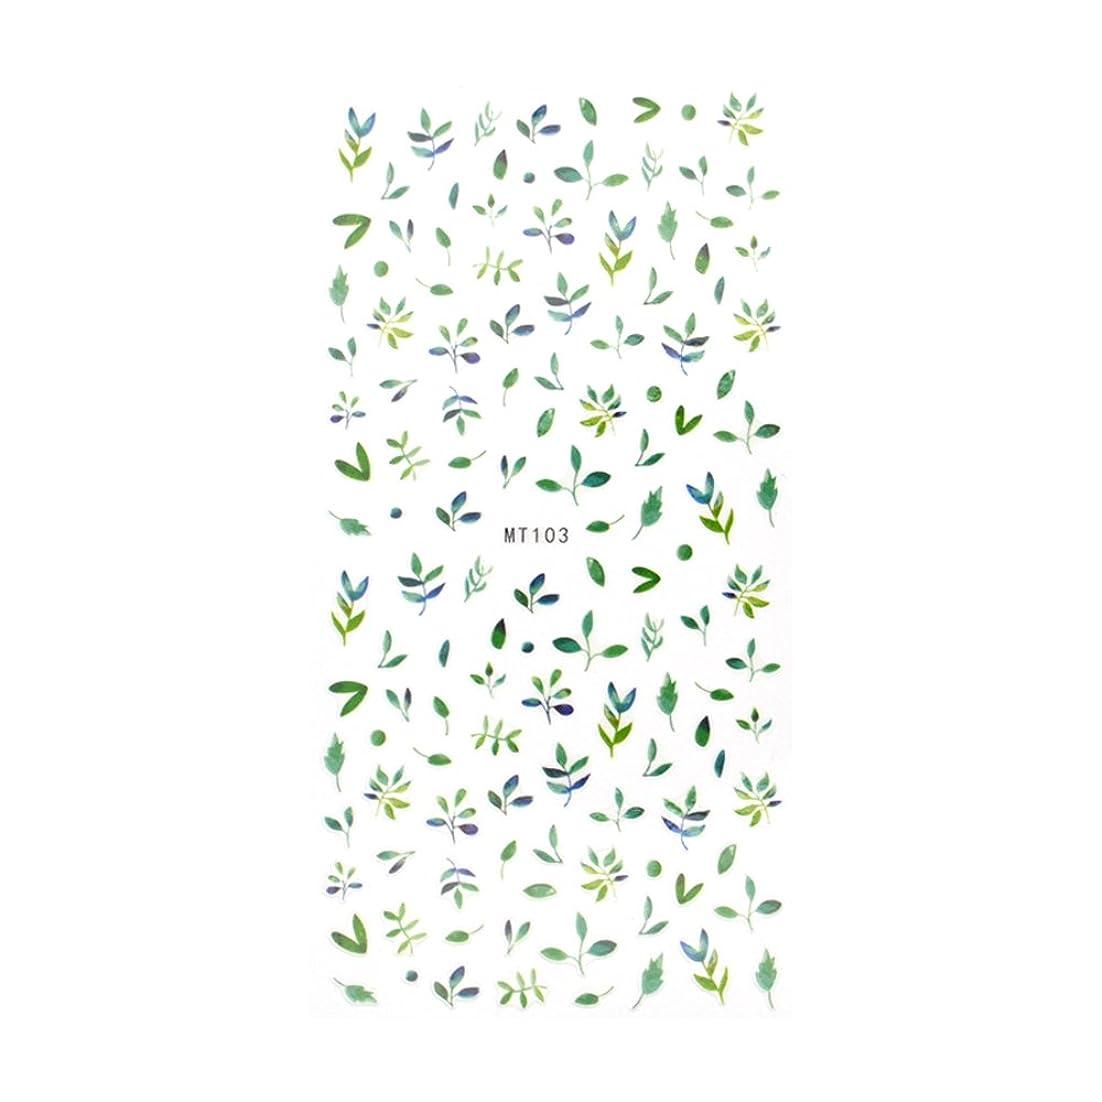 砦普遍的なずらす【MT103】グリーンリーフネイルシール リーフ 葉 ジェルネイル シール 緑 植物 ボタニカル